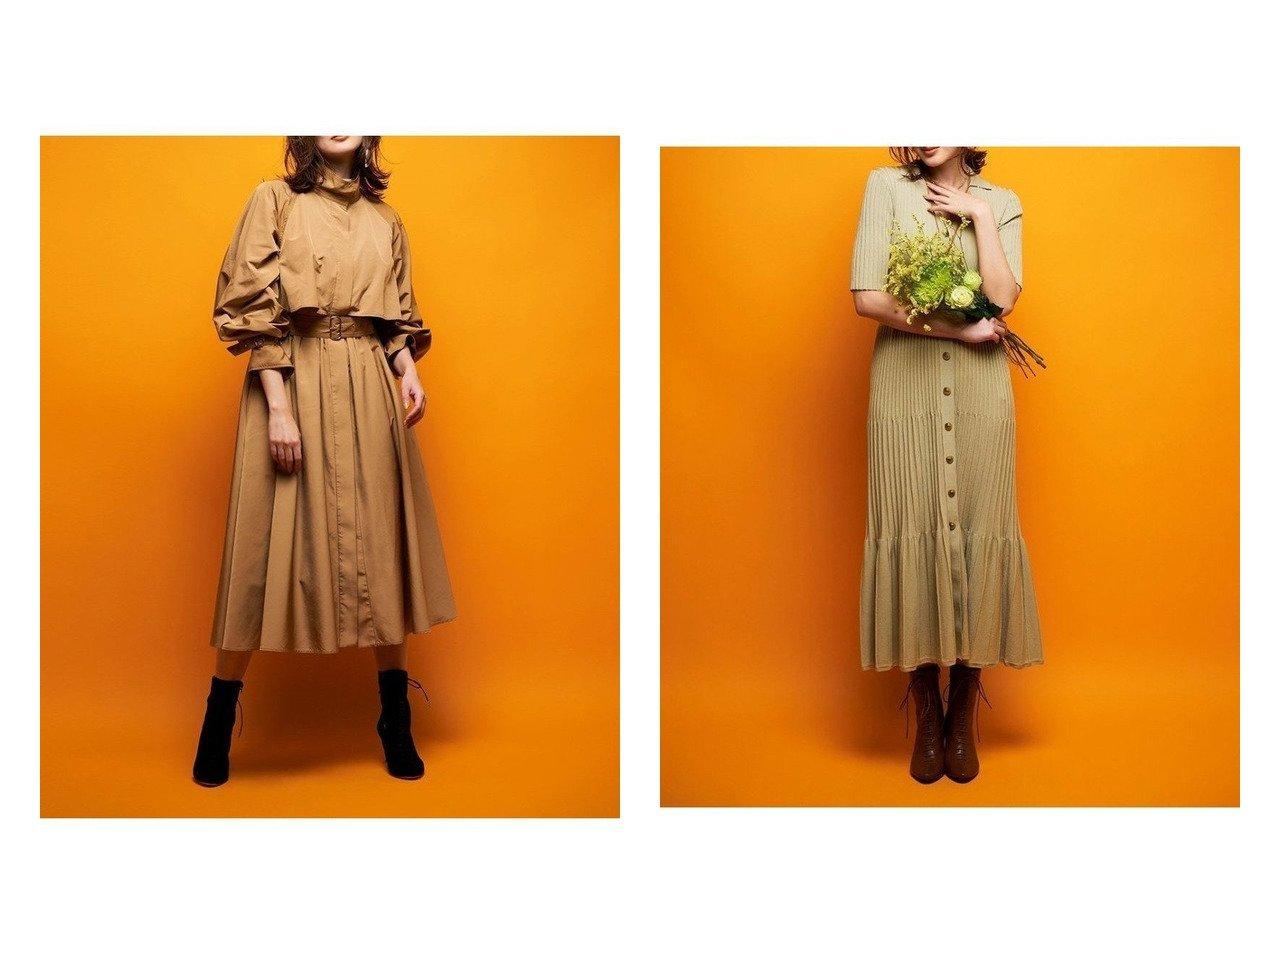 【CELFORD/セルフォード】のレースアップショートブーツ 【シューズ・靴】おすすめ!人気、トレンド・レディースファッションの通販   おすすめで人気の流行・トレンド、ファッションの通販商品 インテリア・家具・メンズファッション・キッズファッション・レディースファッション・服の通販 founy(ファニー) https://founy.com/ ファッション Fashion レディースファッション WOMEN シューズ ショート スエード ストレッチ トレンド ミドル レース  ID:crp329100000064834